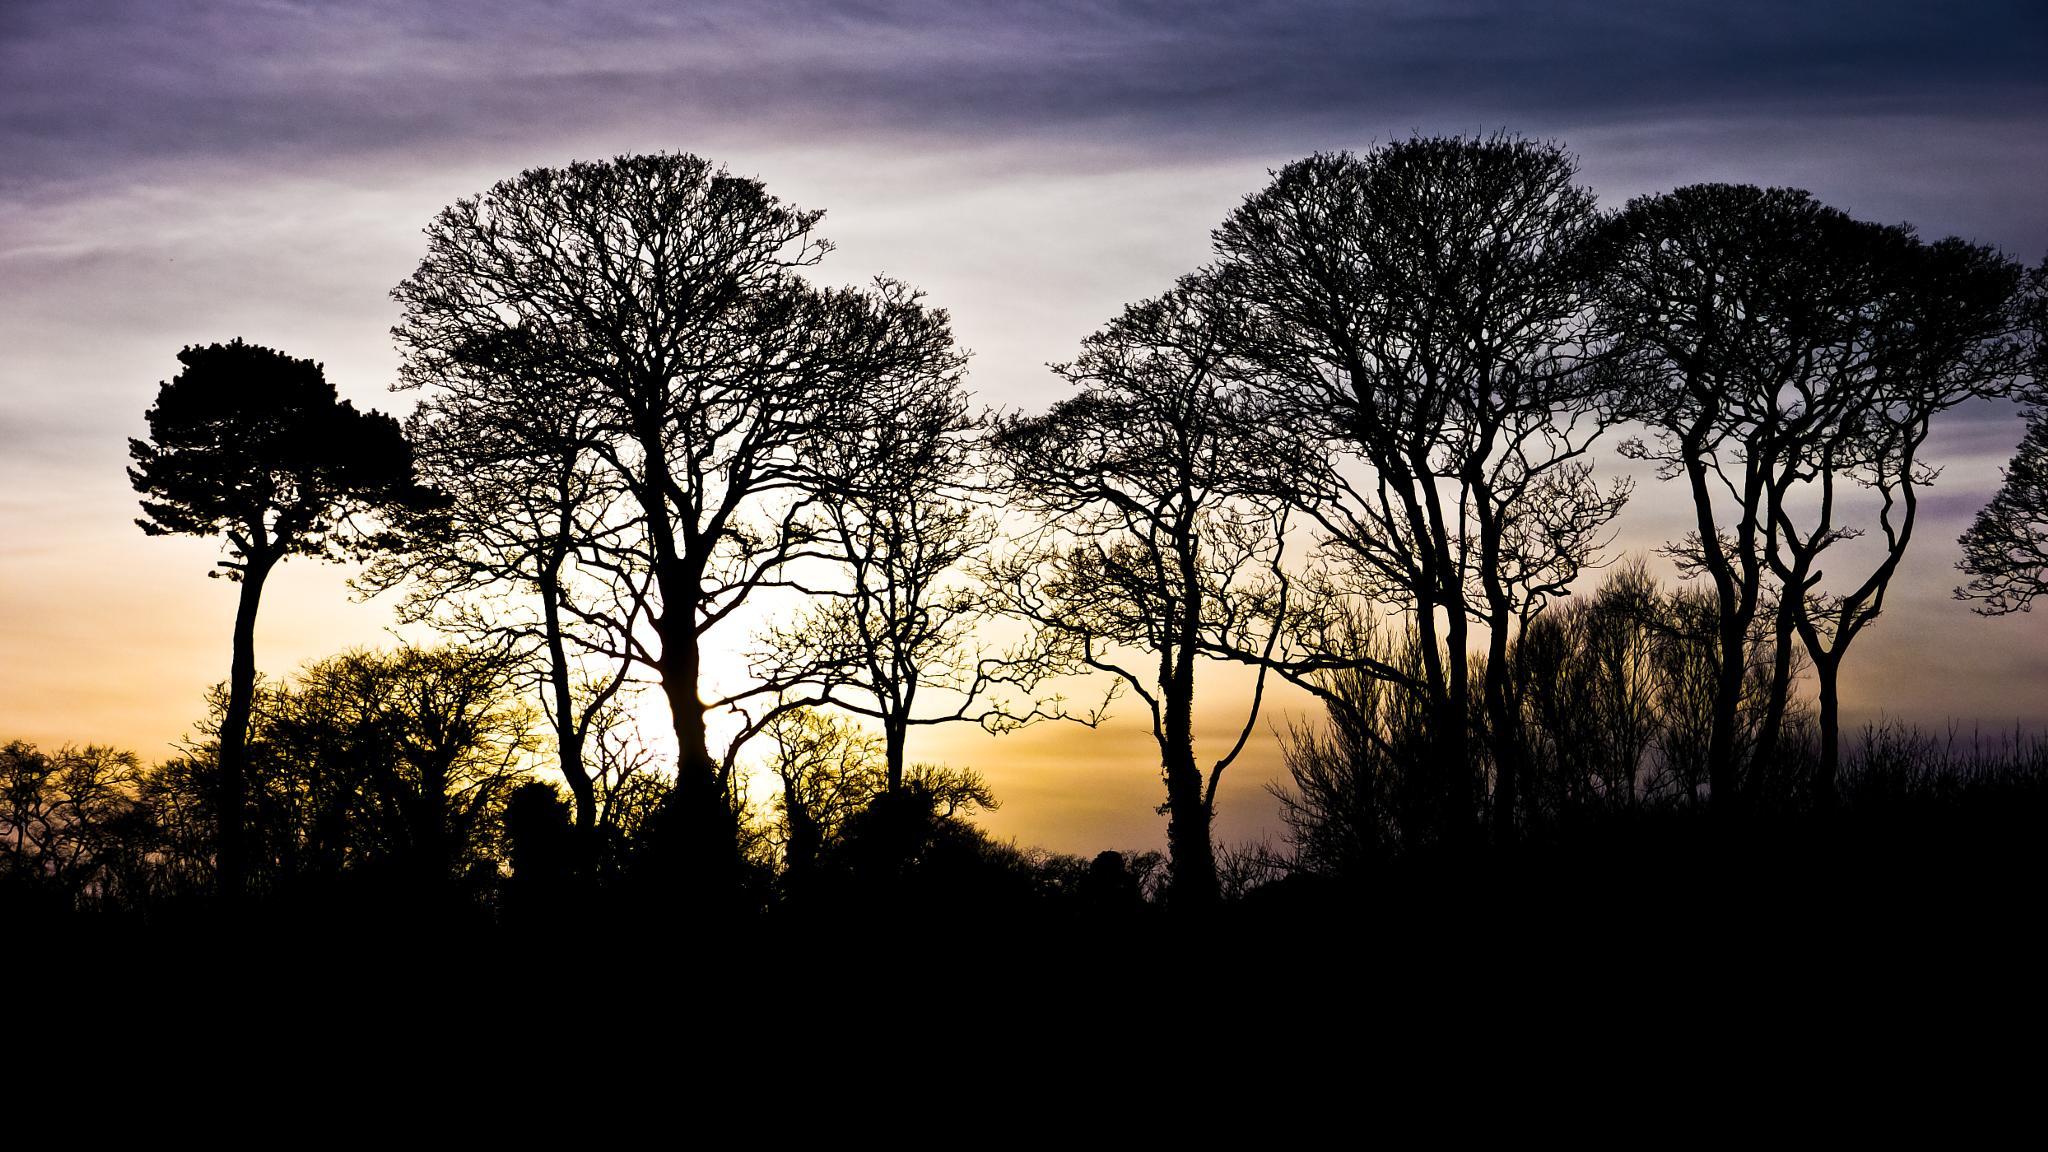 November sky by Peter Edwardo Vicente.